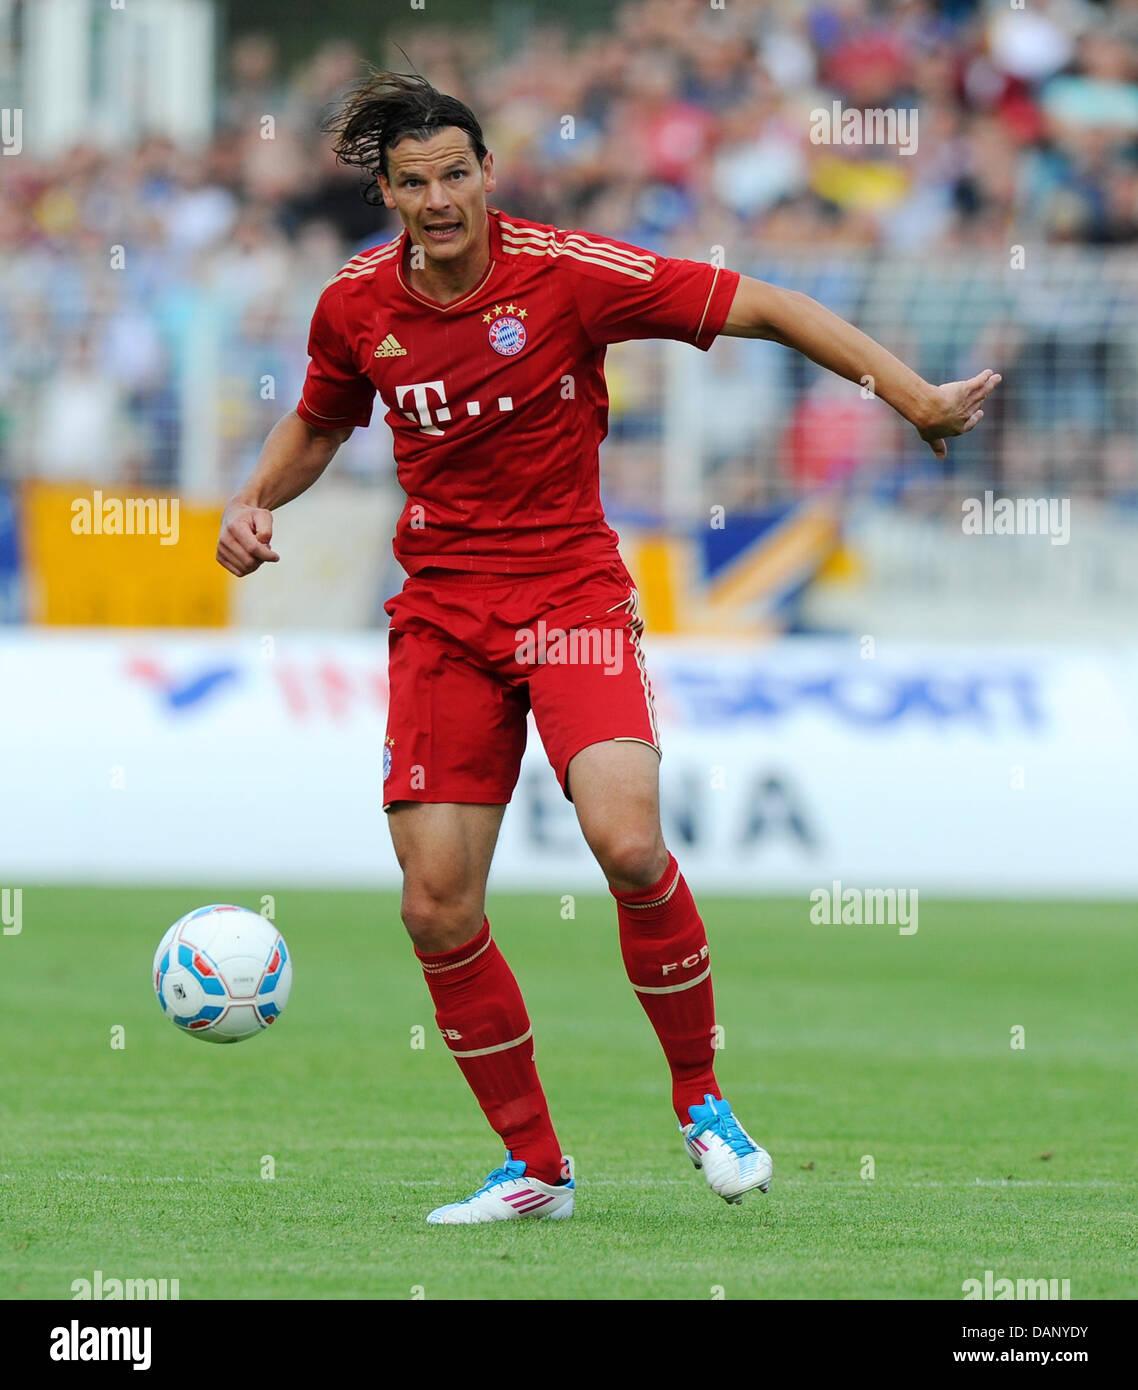 Champions League 2019 Round Of 16 Leg 2 Live Stream Tv: Fc Bayern Munich Jersey Stock Photos & Fc Bayern Munich